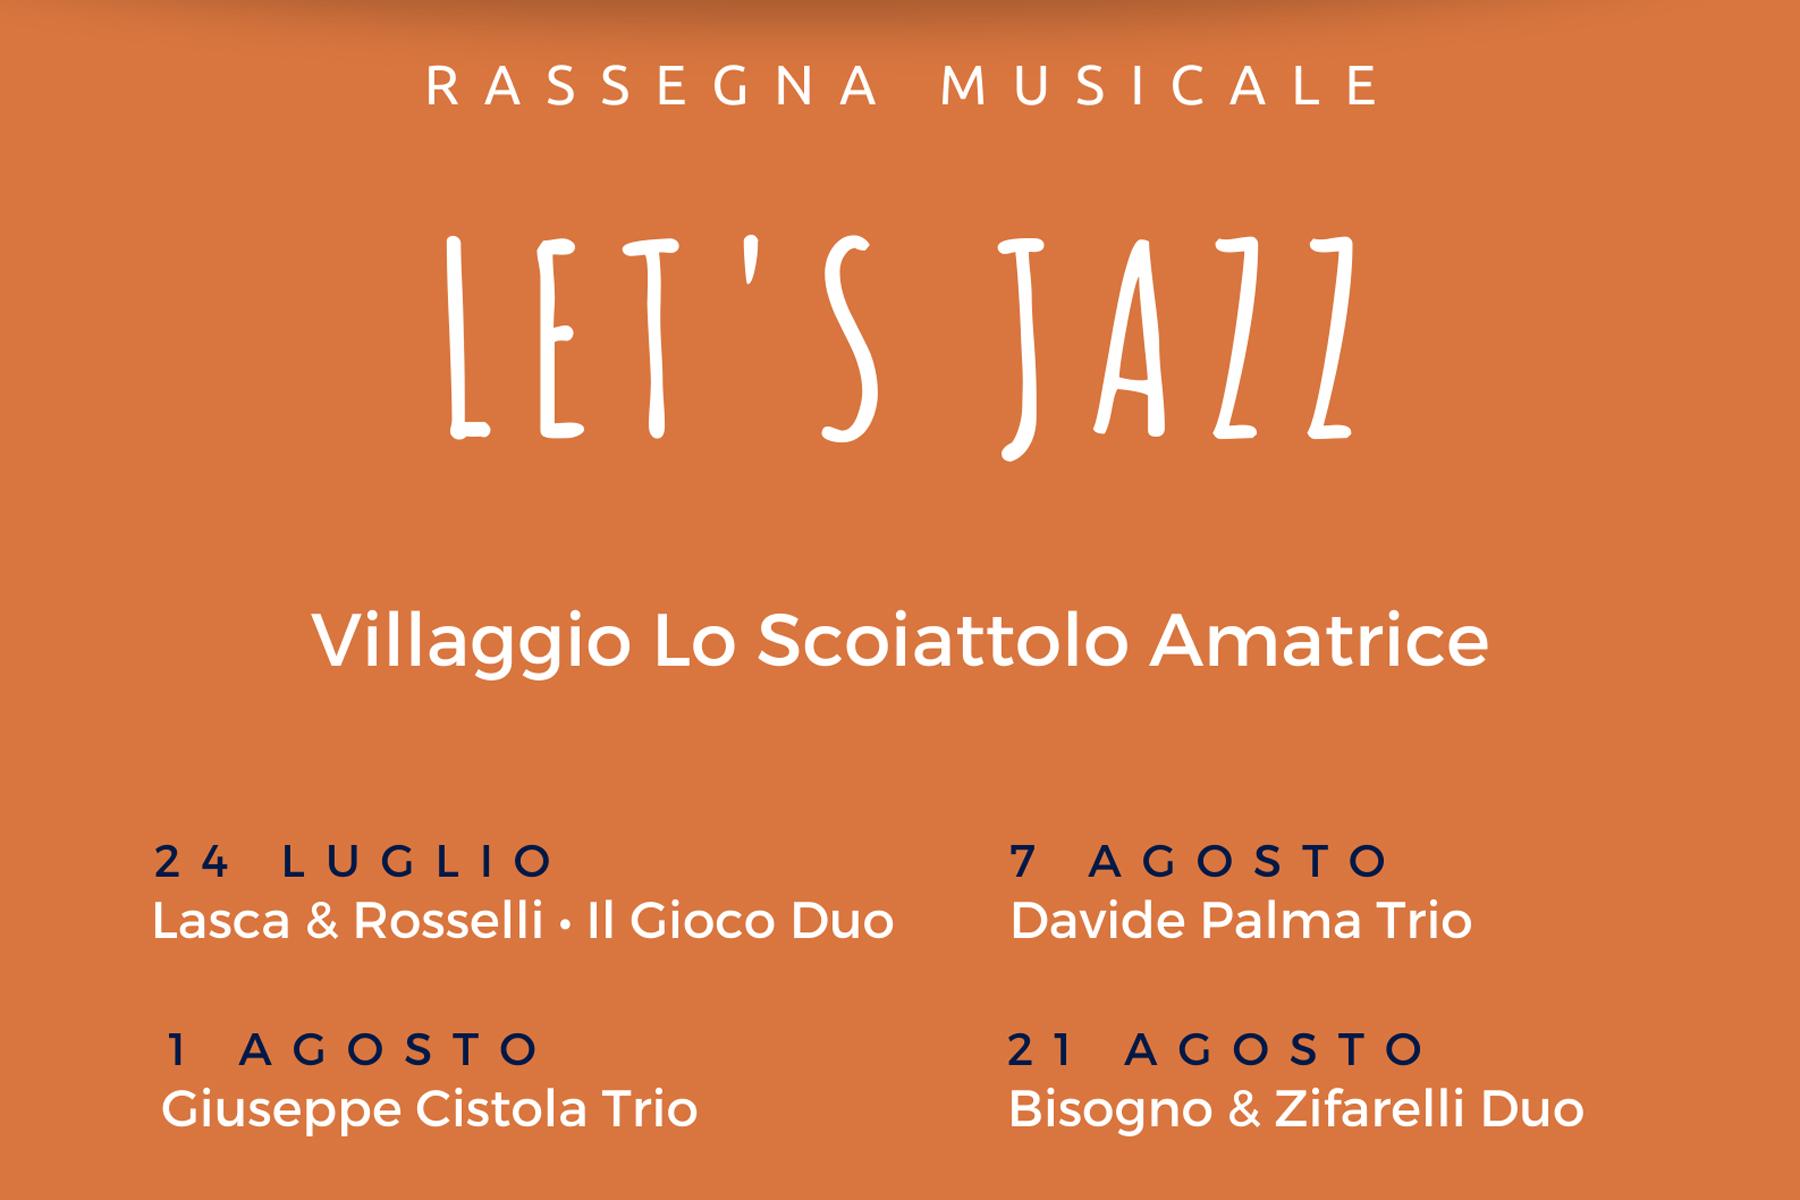 Let's Jazz / Giuseppe Cistola Trio